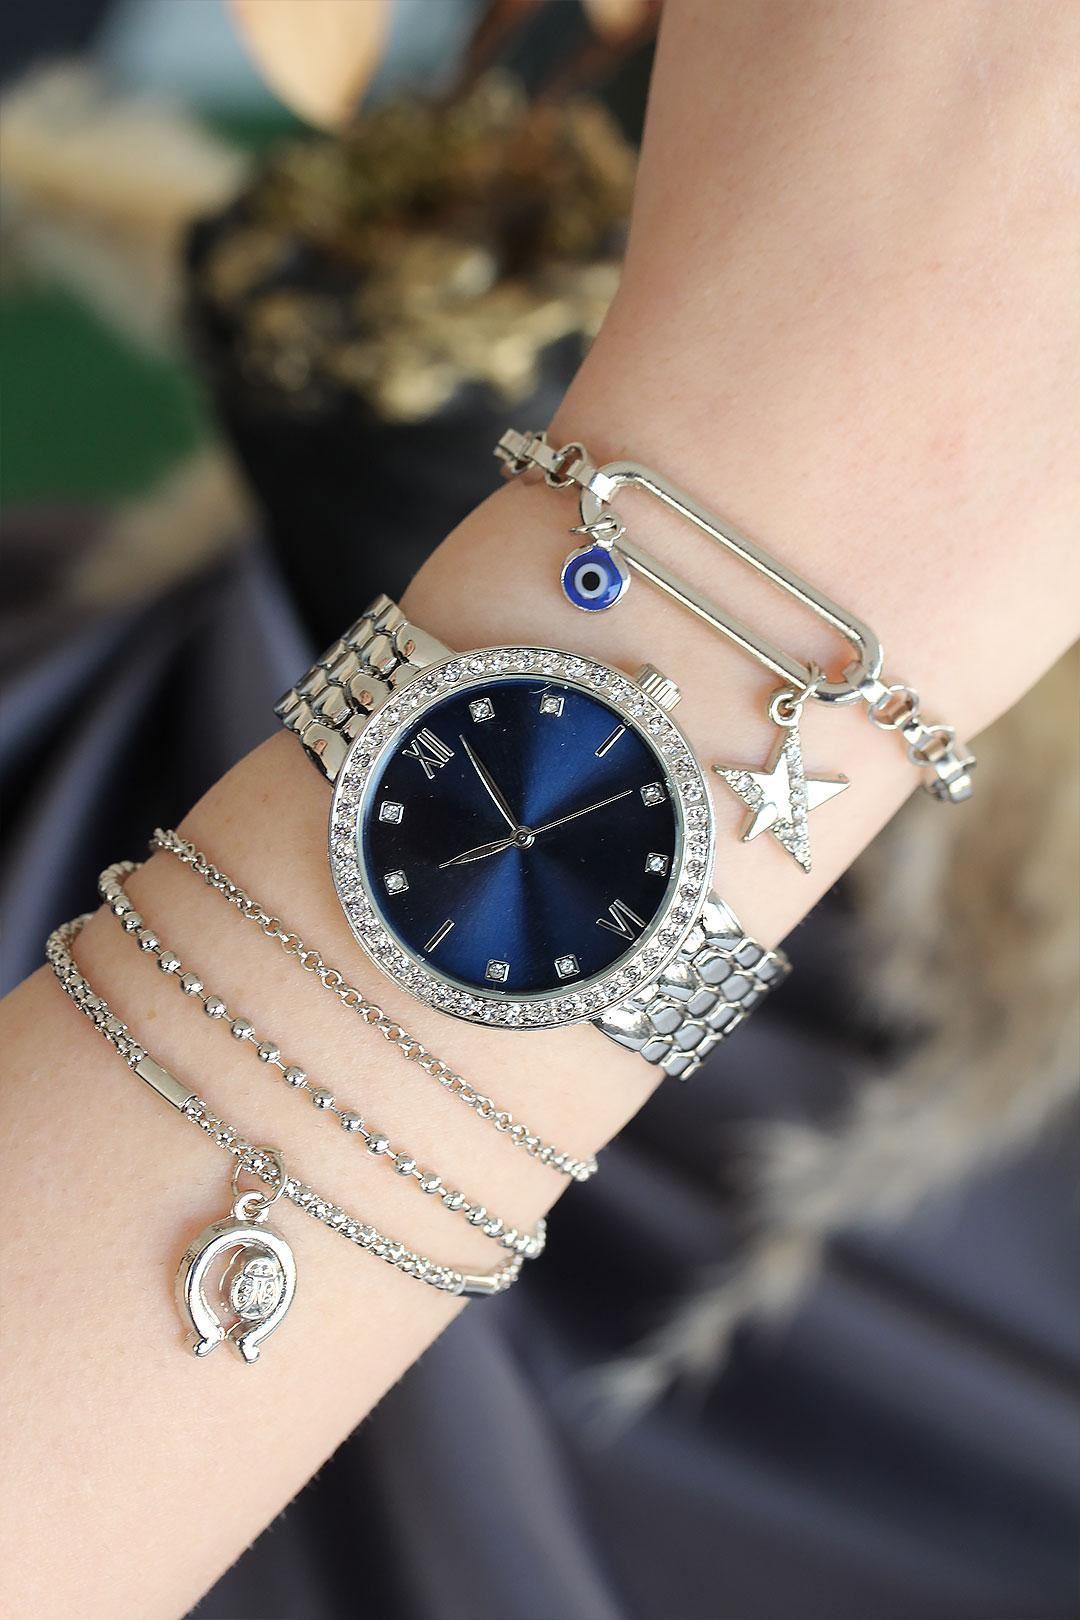 Roma Rakamlı Gümüş Renk Metal Kordonlu Lacivert Kadran Kadın Saat ve Bileklik Kombini